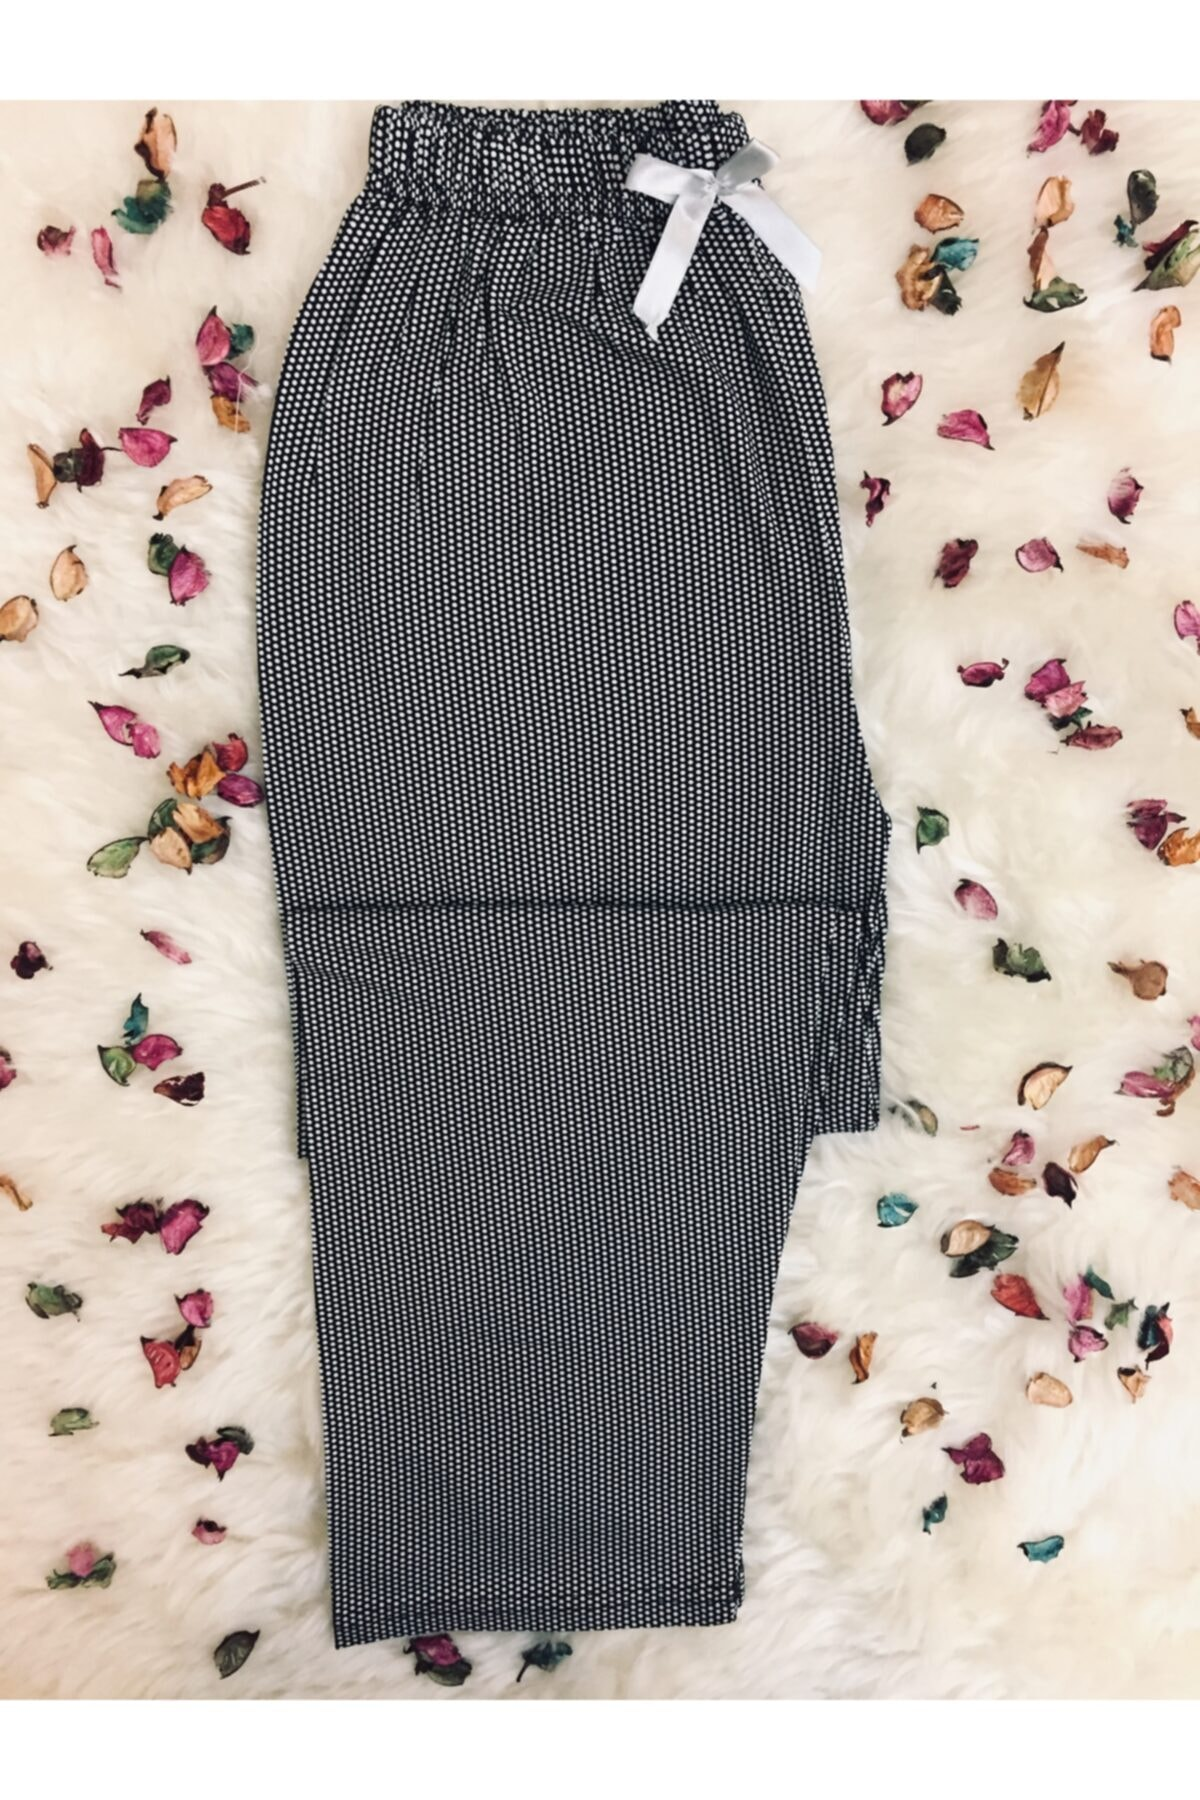 Altınay Cepsiz Viskon Yazlık Kadın Pijama Altı 1